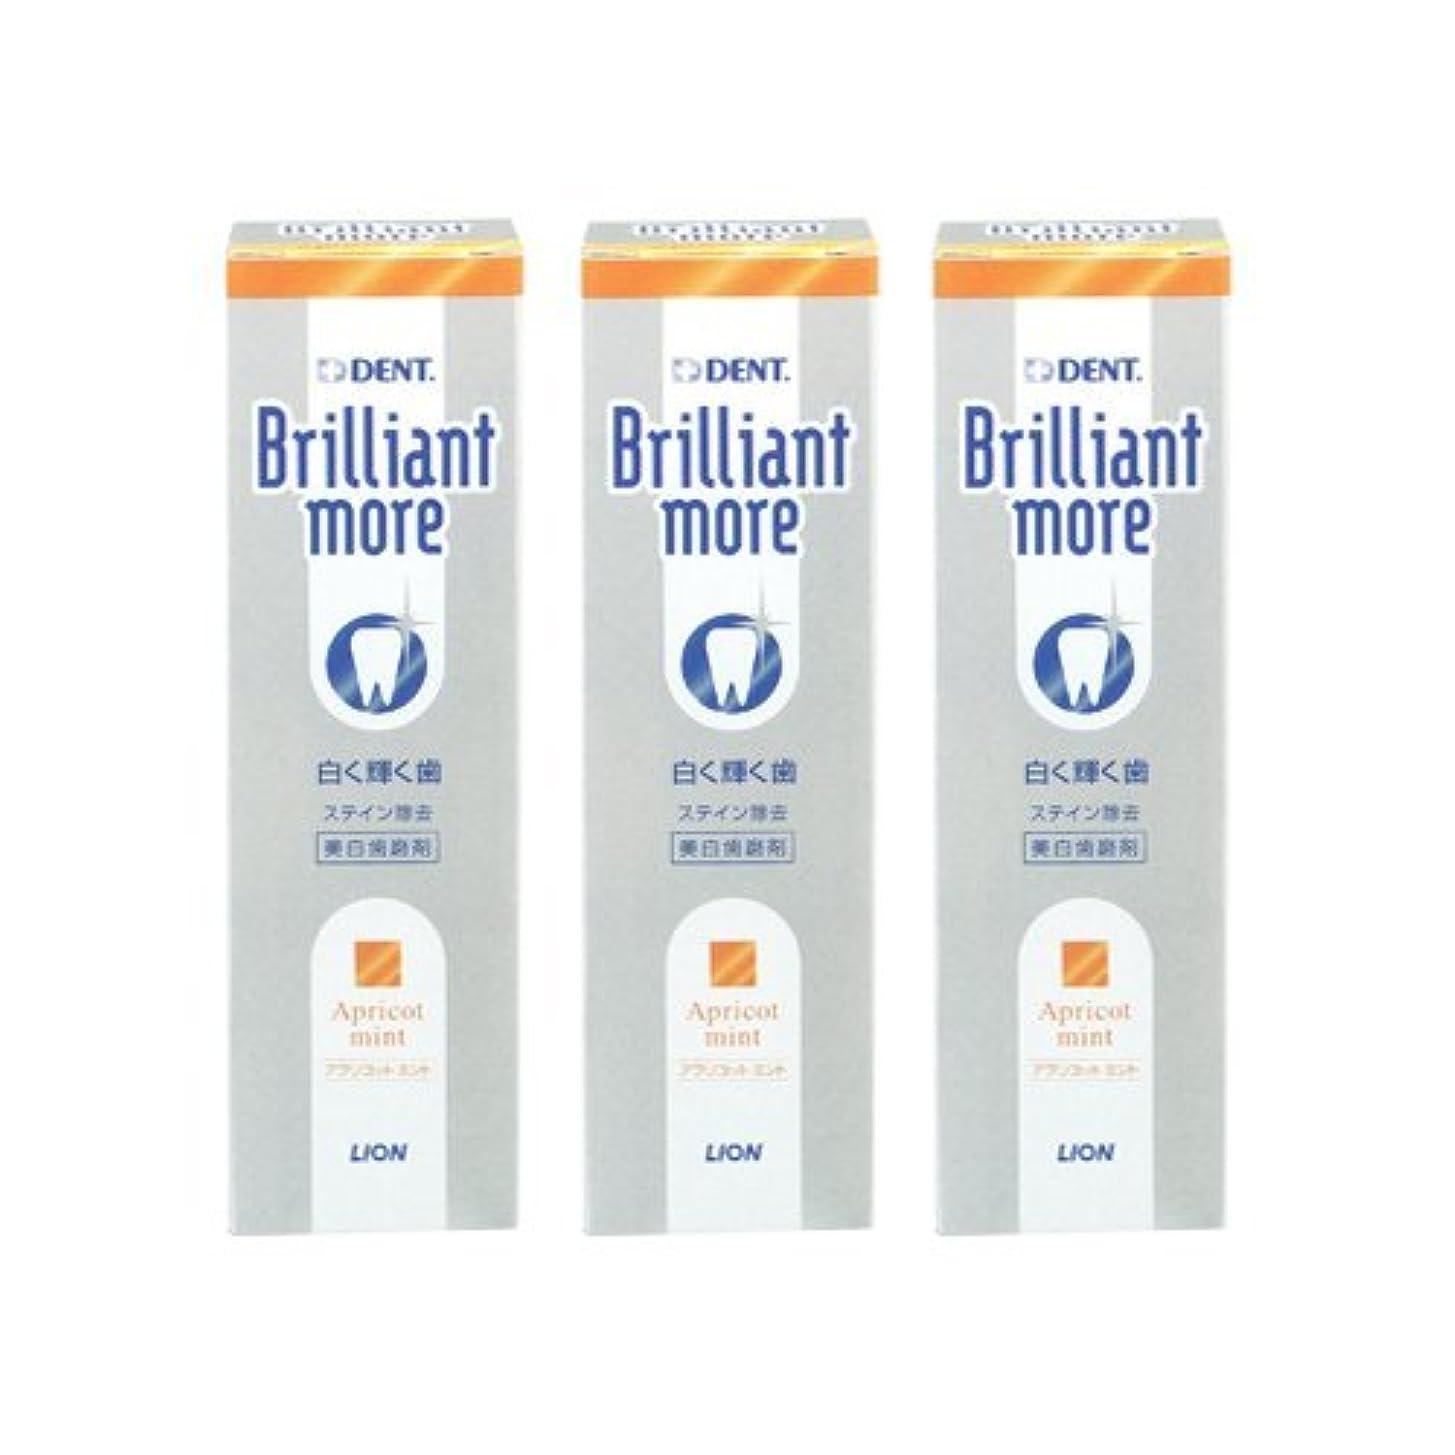 公式近代化する怖がって死ぬライオン ブリリアントモア アプリコットミント 3本セット 美白歯磨剤 LION Brilliant more